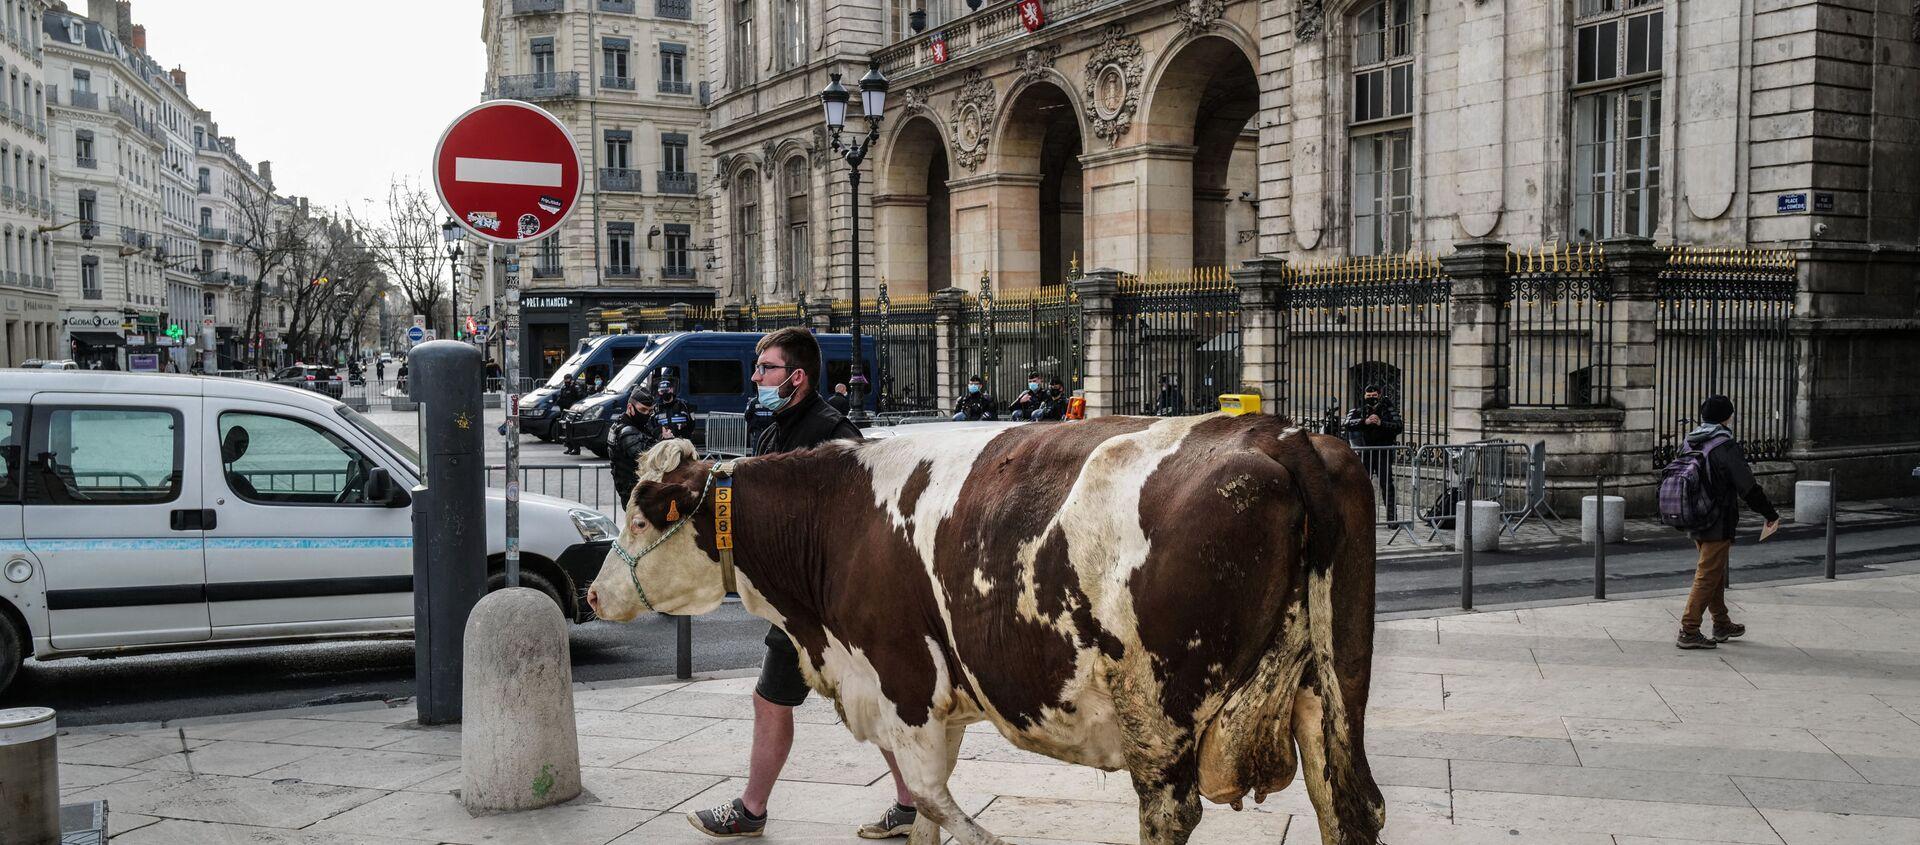 Фермер выгуливает корову на площади перед мэрией Лиона во время демонстрации протеста против решения исключить мясо из меню городских школ - Sputnik Беларусь, 1920, 10.03.2021